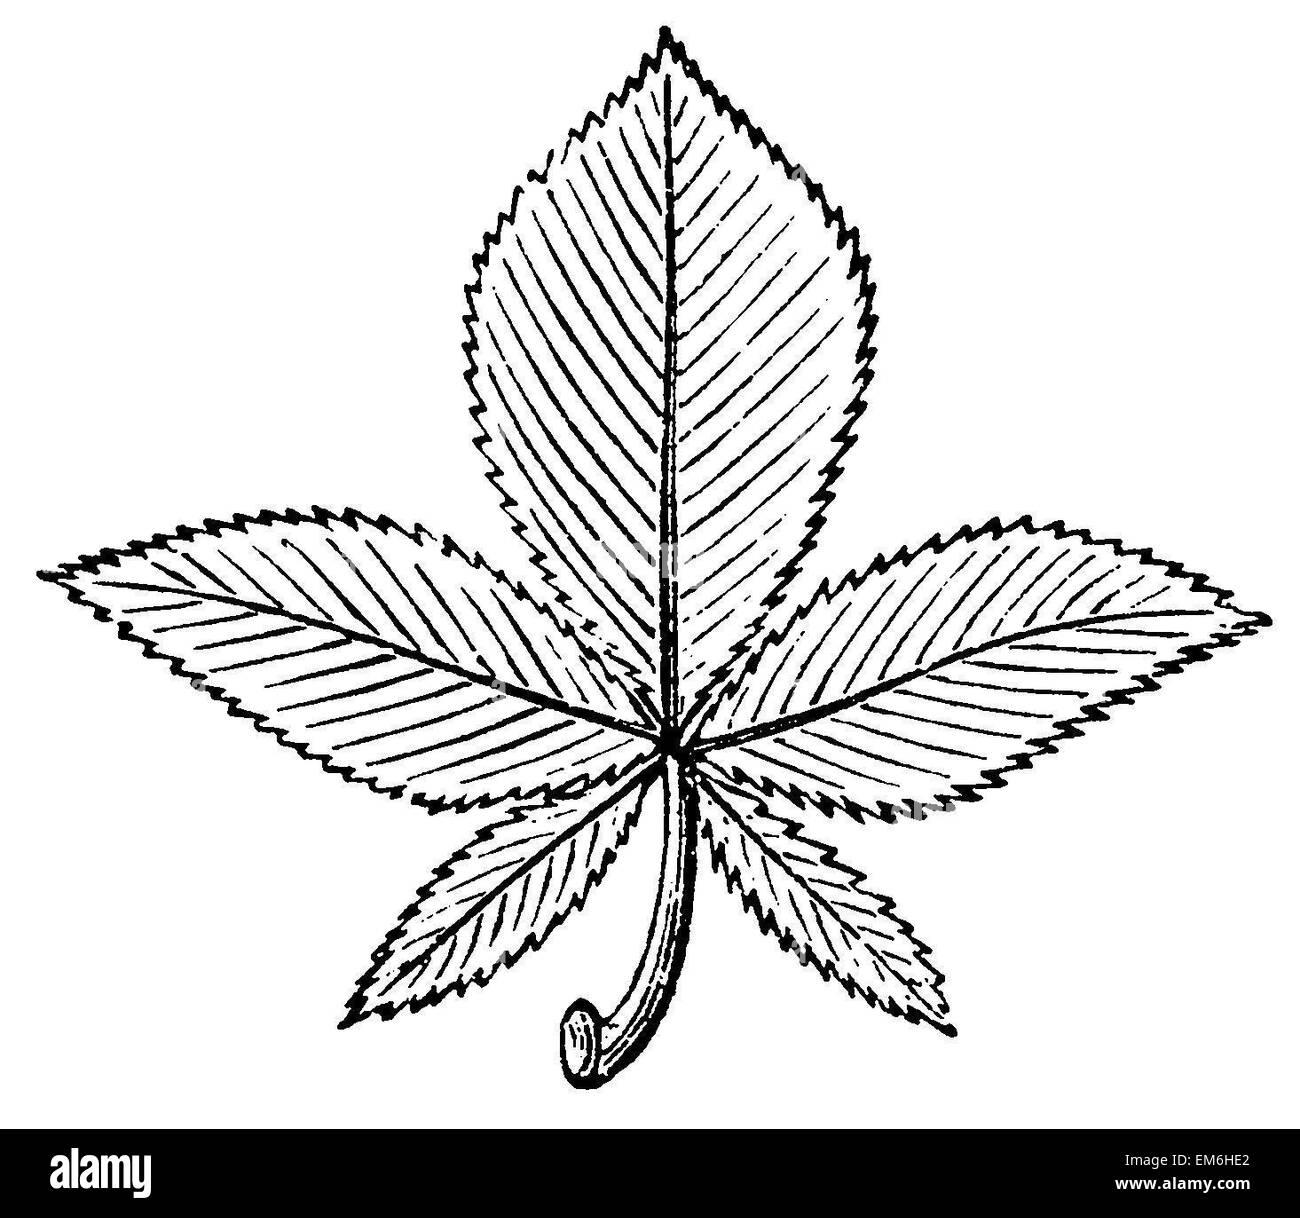 Buckeye: Leaf - Stock Image